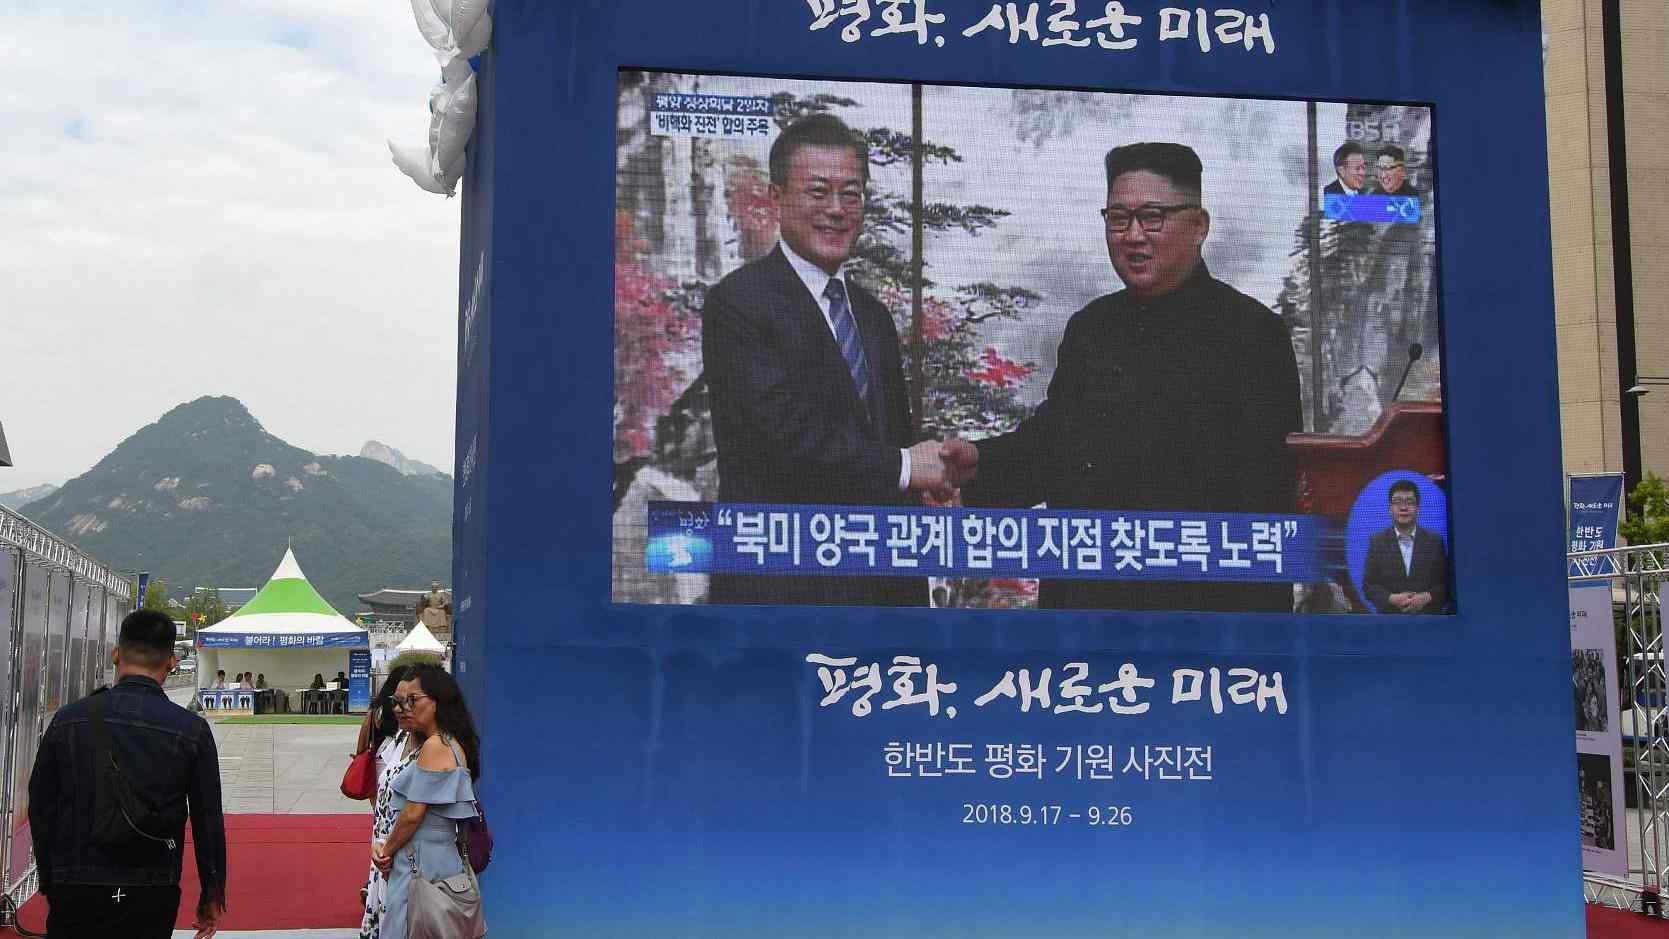 Denuclearization of Korean Peninsula means the de facto end of Korean War: Blue House